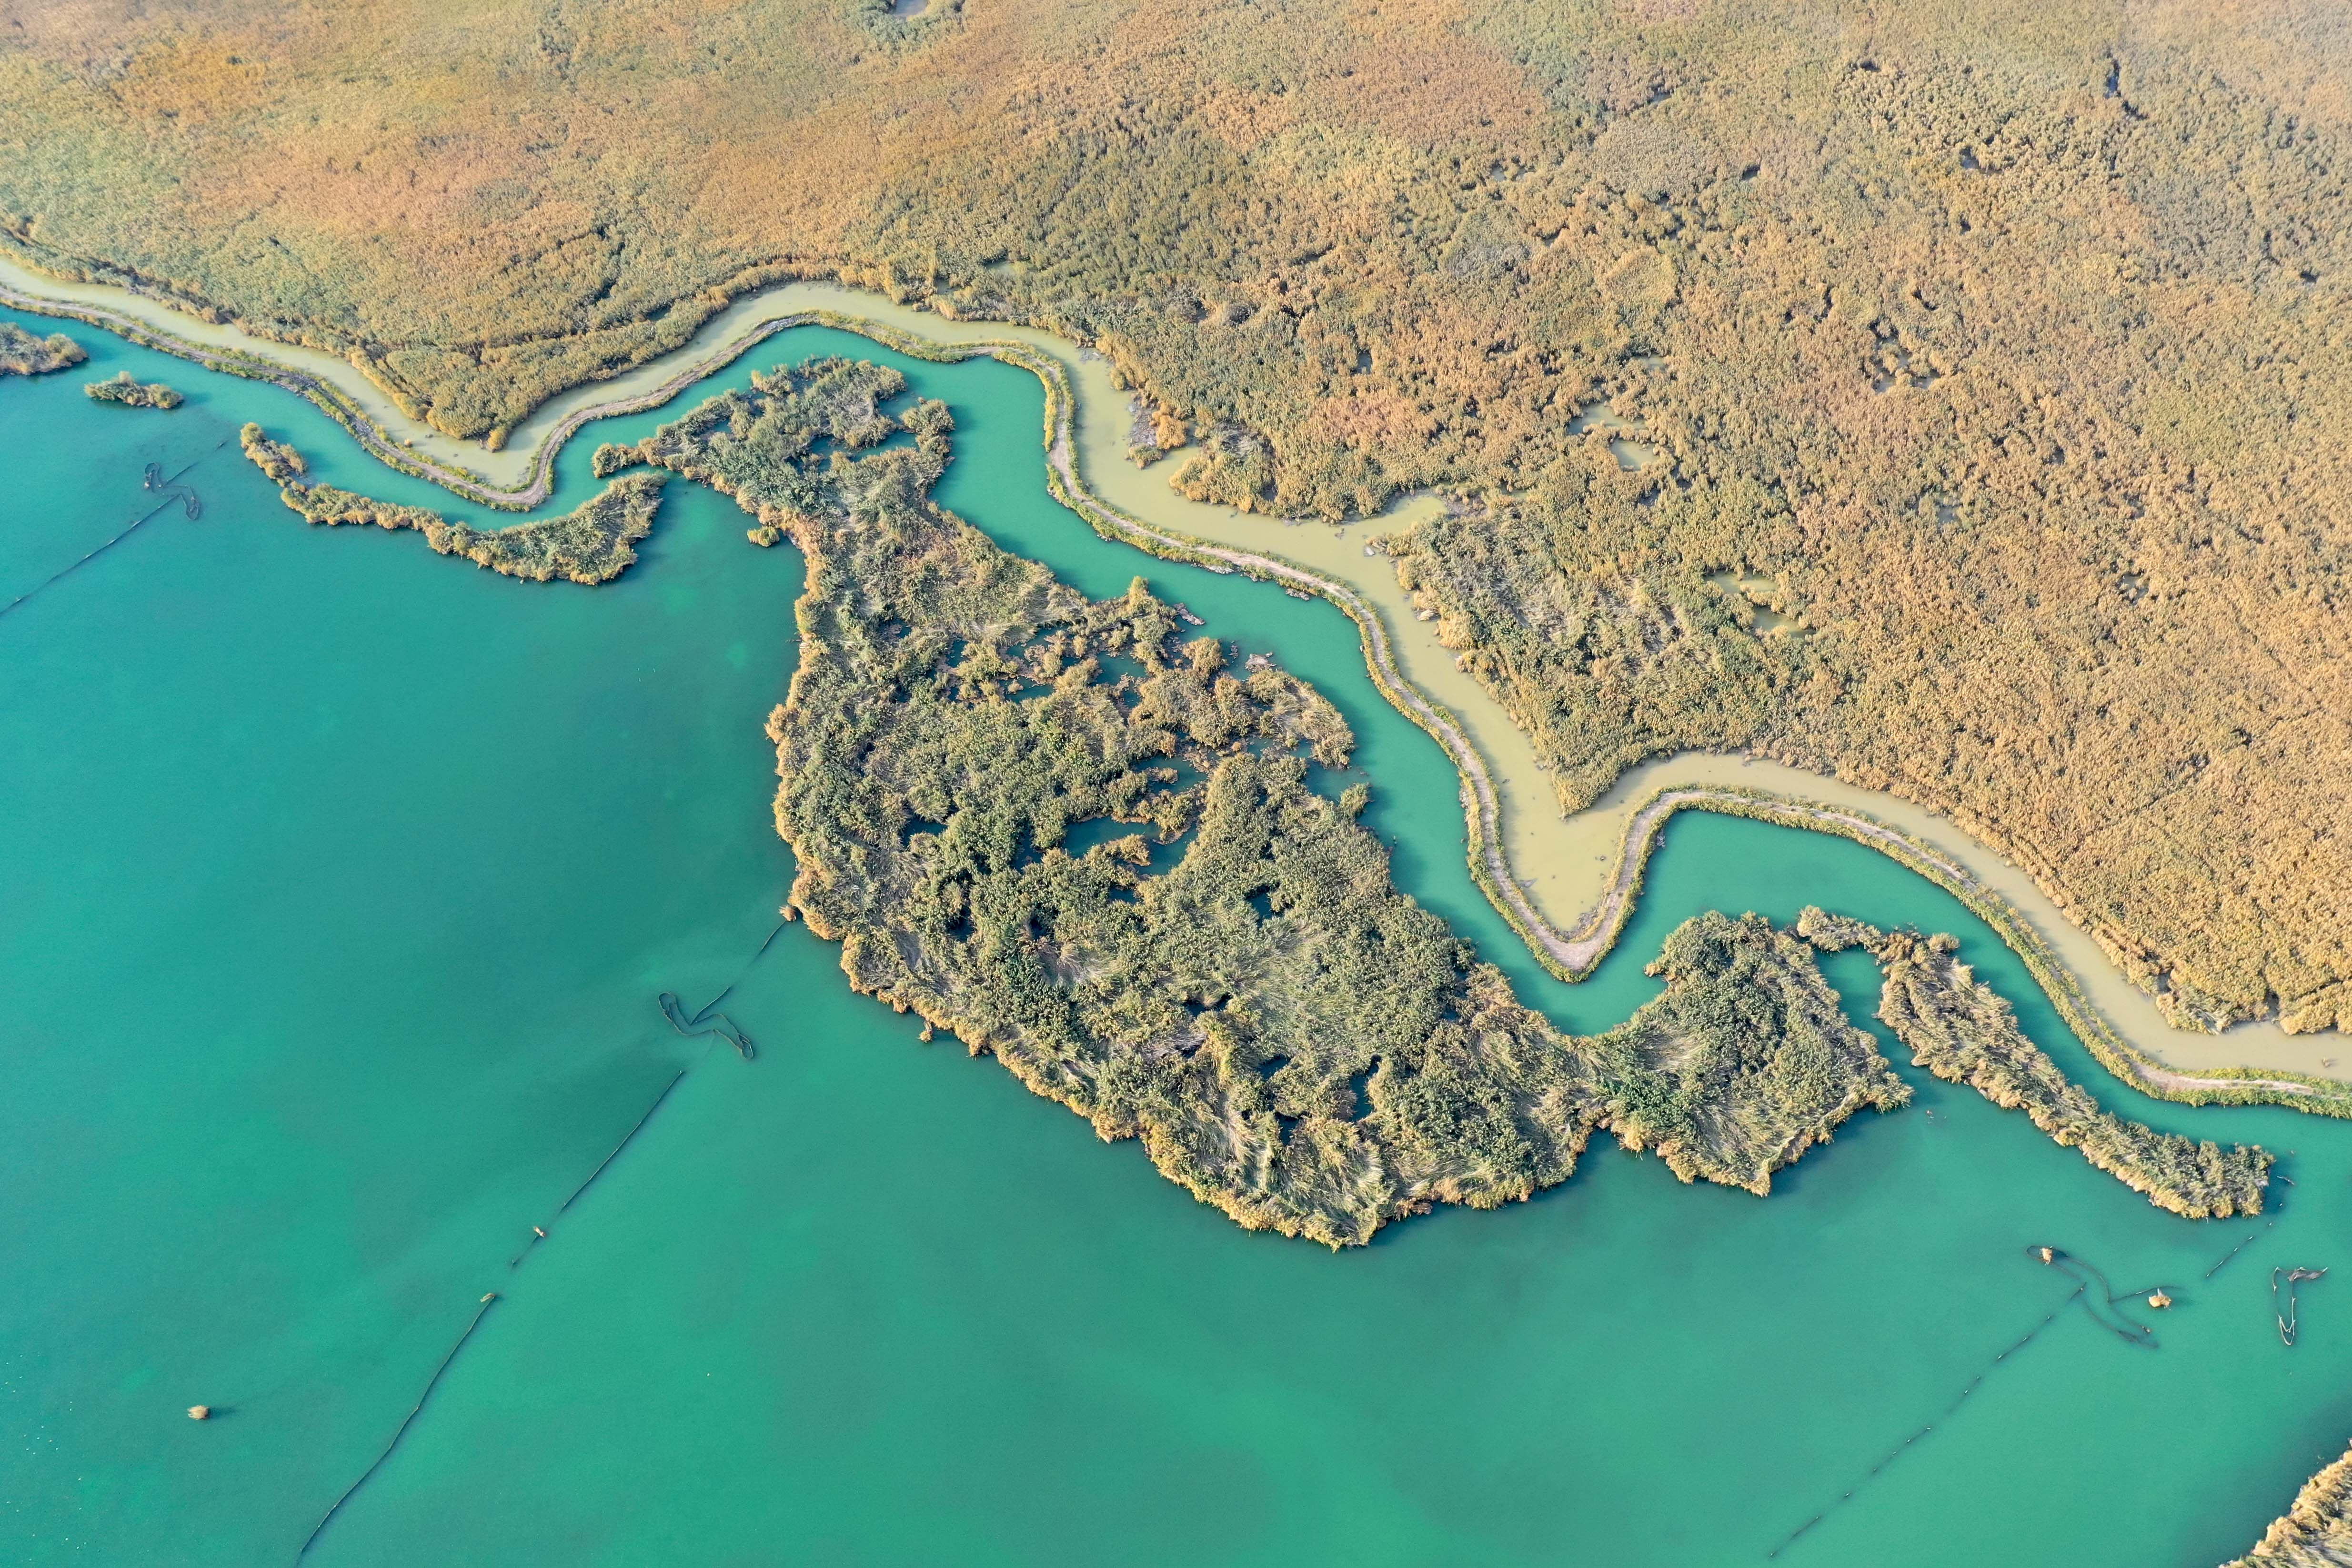 秋深まるボステン湖の絶景を堪能 新疆ウイグル自治区